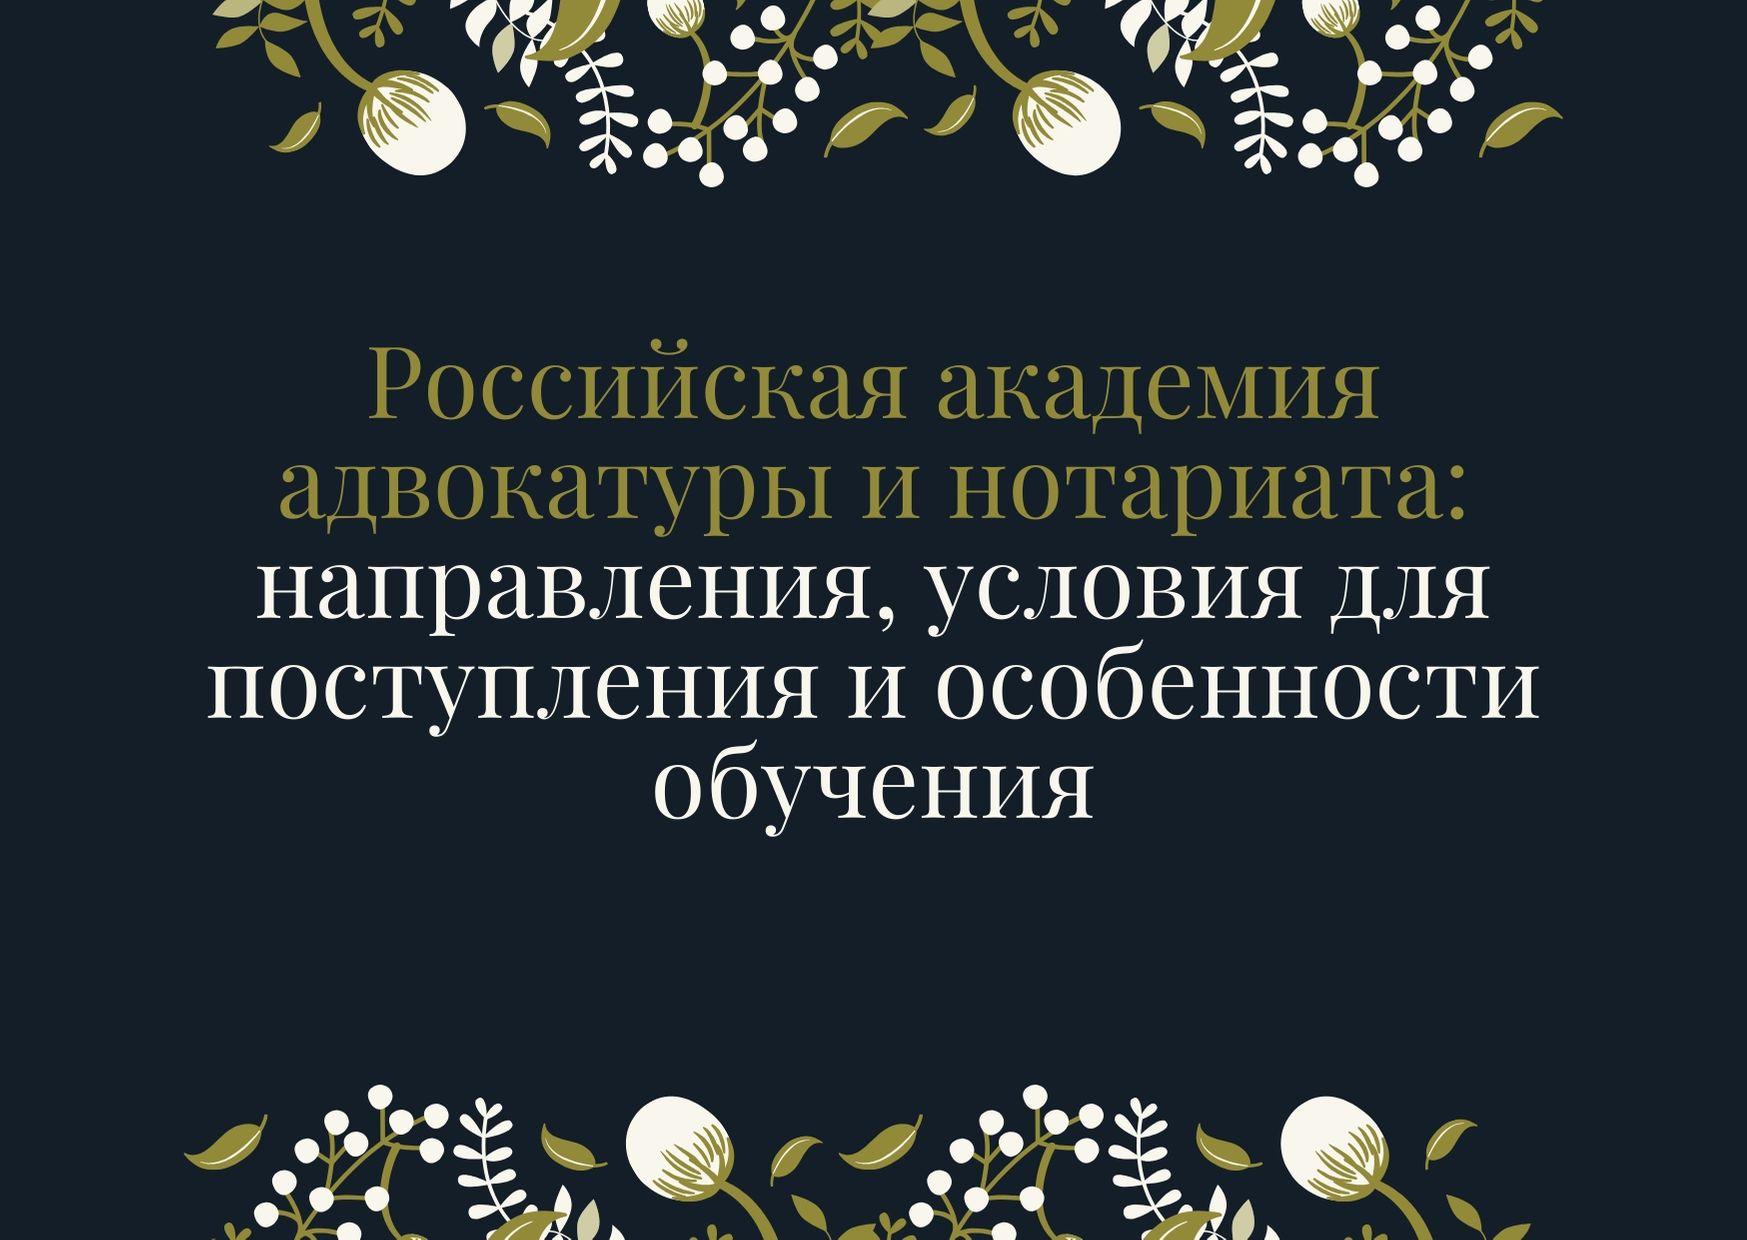 Российская академия адвокатуры и нотариата: направления, условия для поступления и особенности обучения